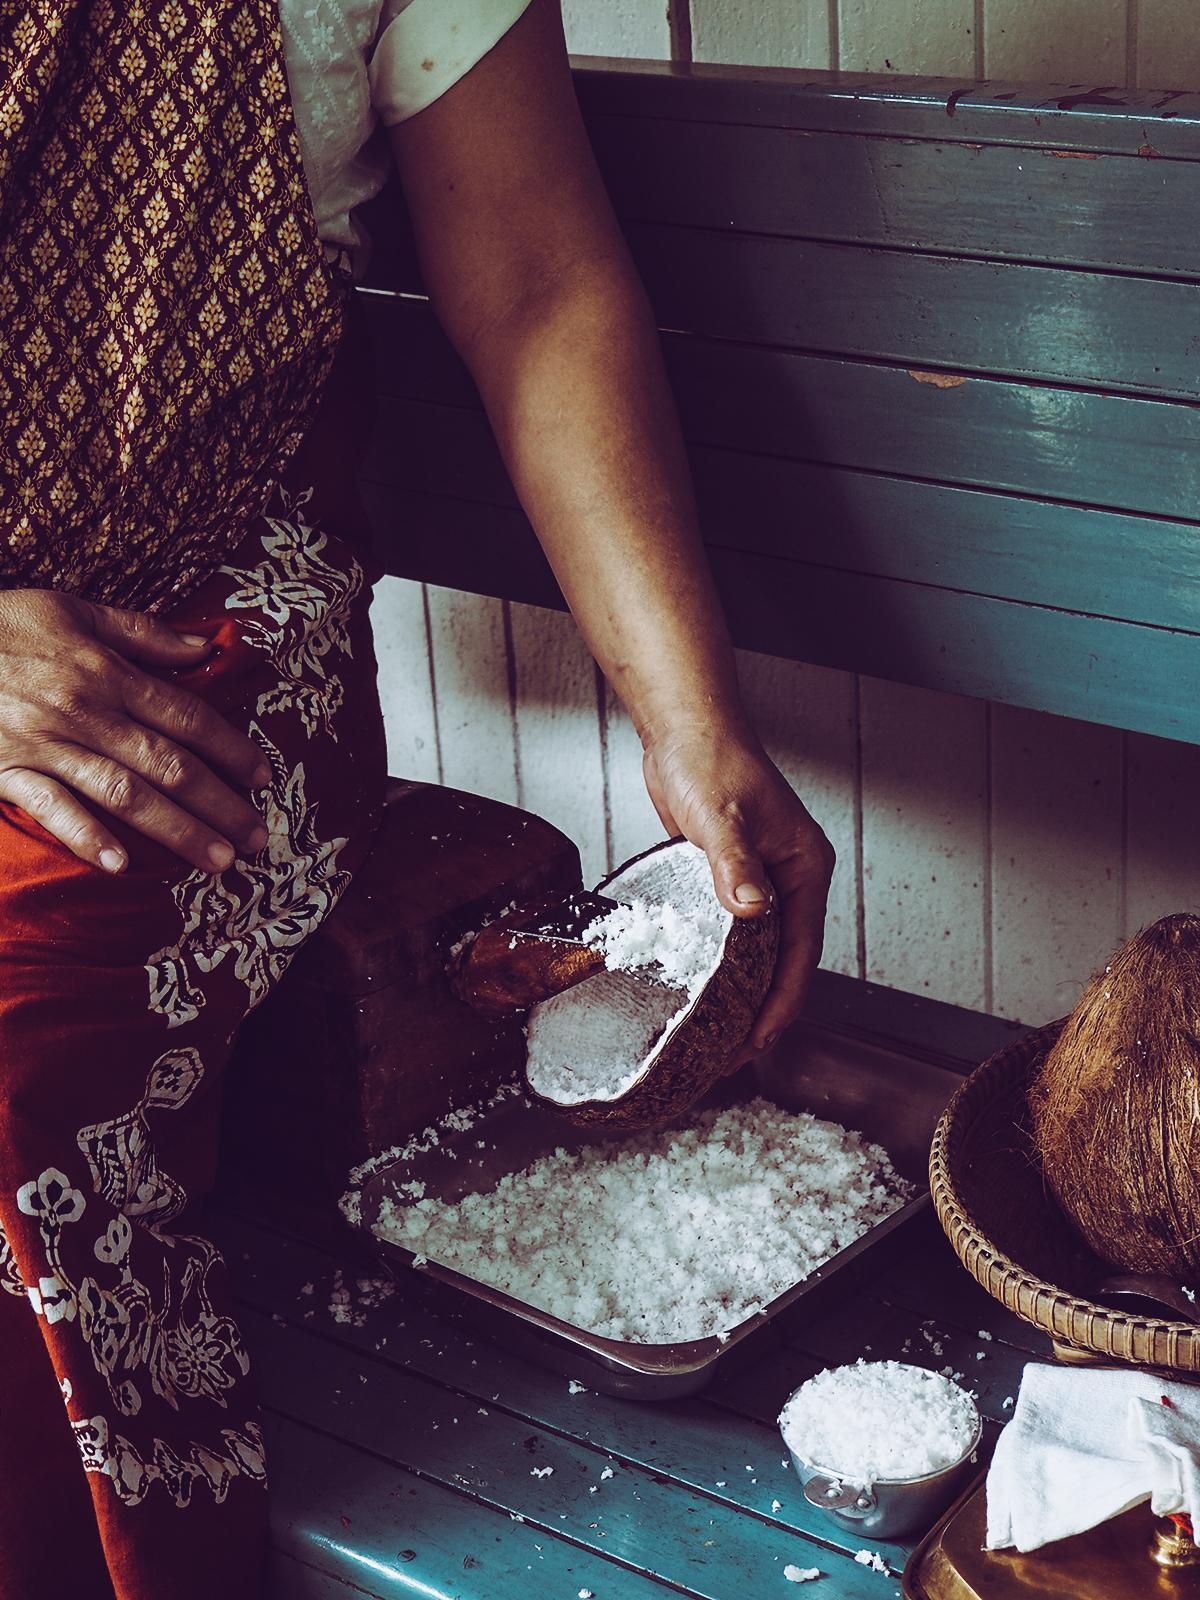 Amita Thai Cooking Class - Kokosmilch |Pixi mit Milch